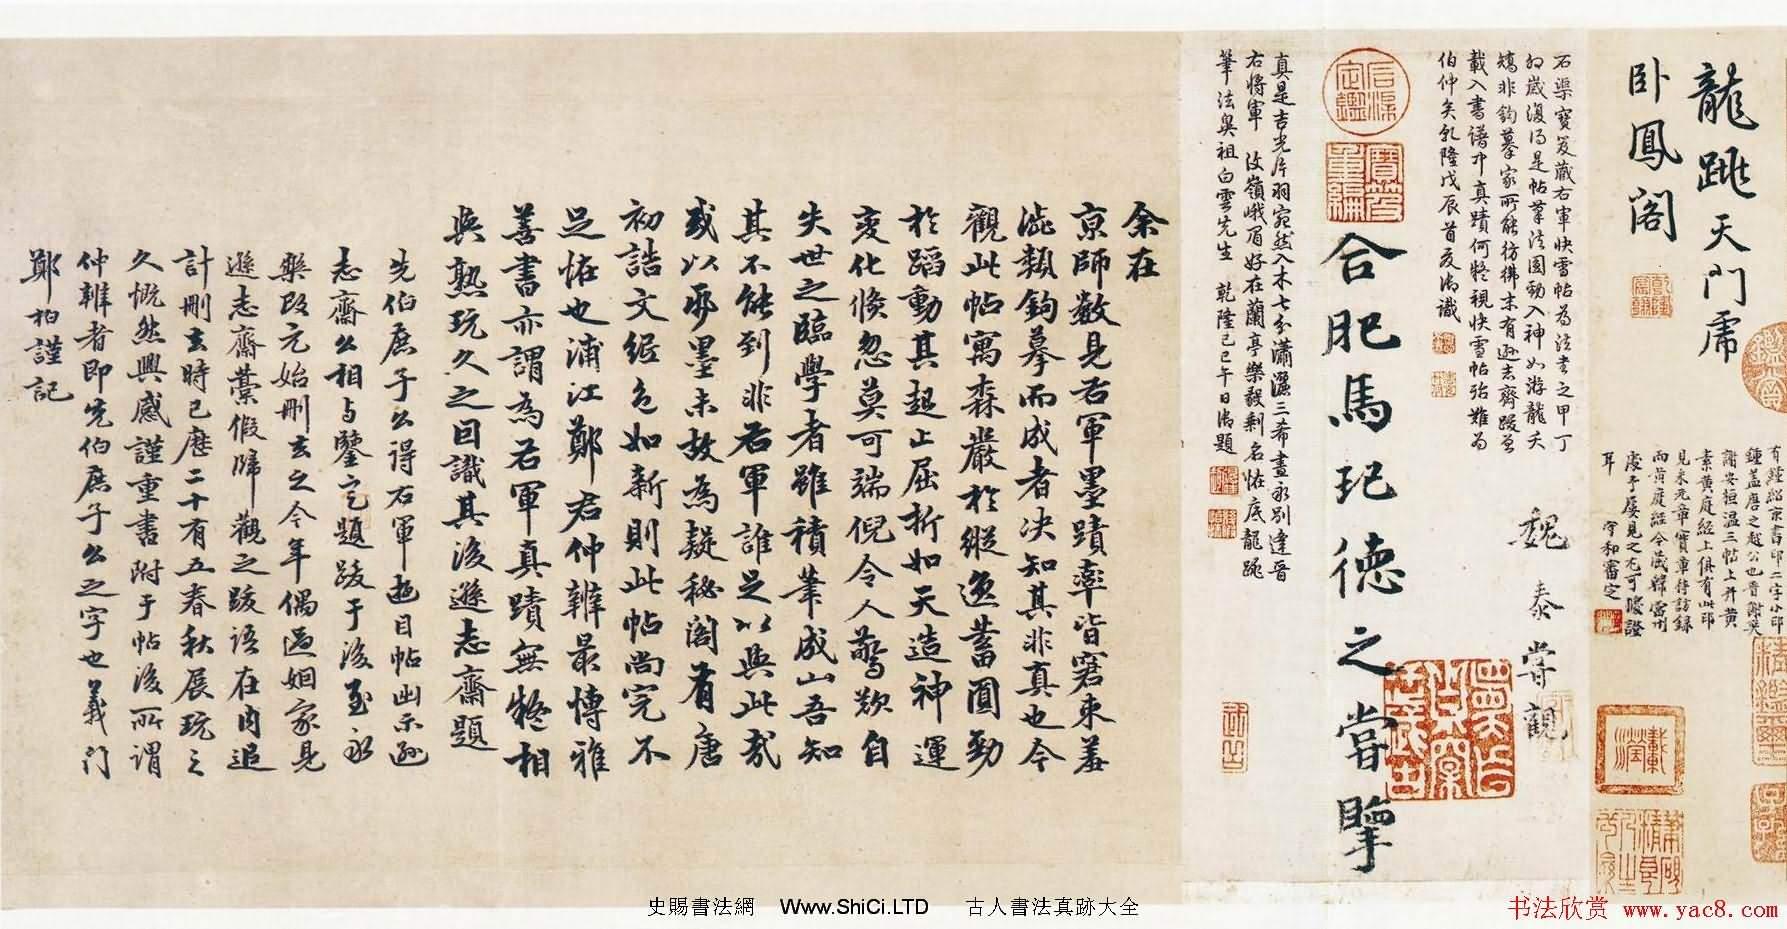 王羲之草書書法長卷全圖《遊目帖》